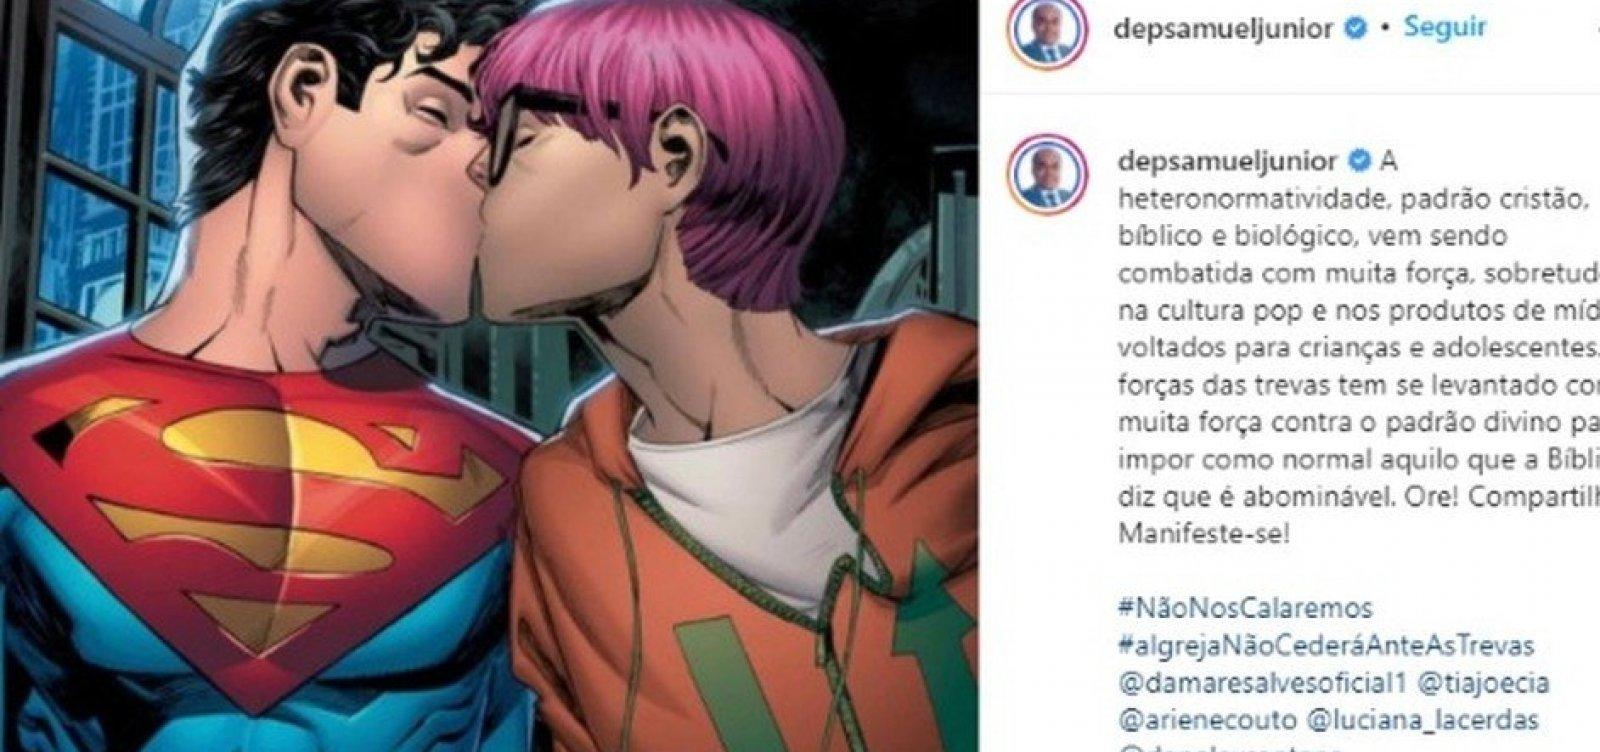 """""""Força das trevas"""", diz deputado baiano sobre Super-Homem bissesuxual"""